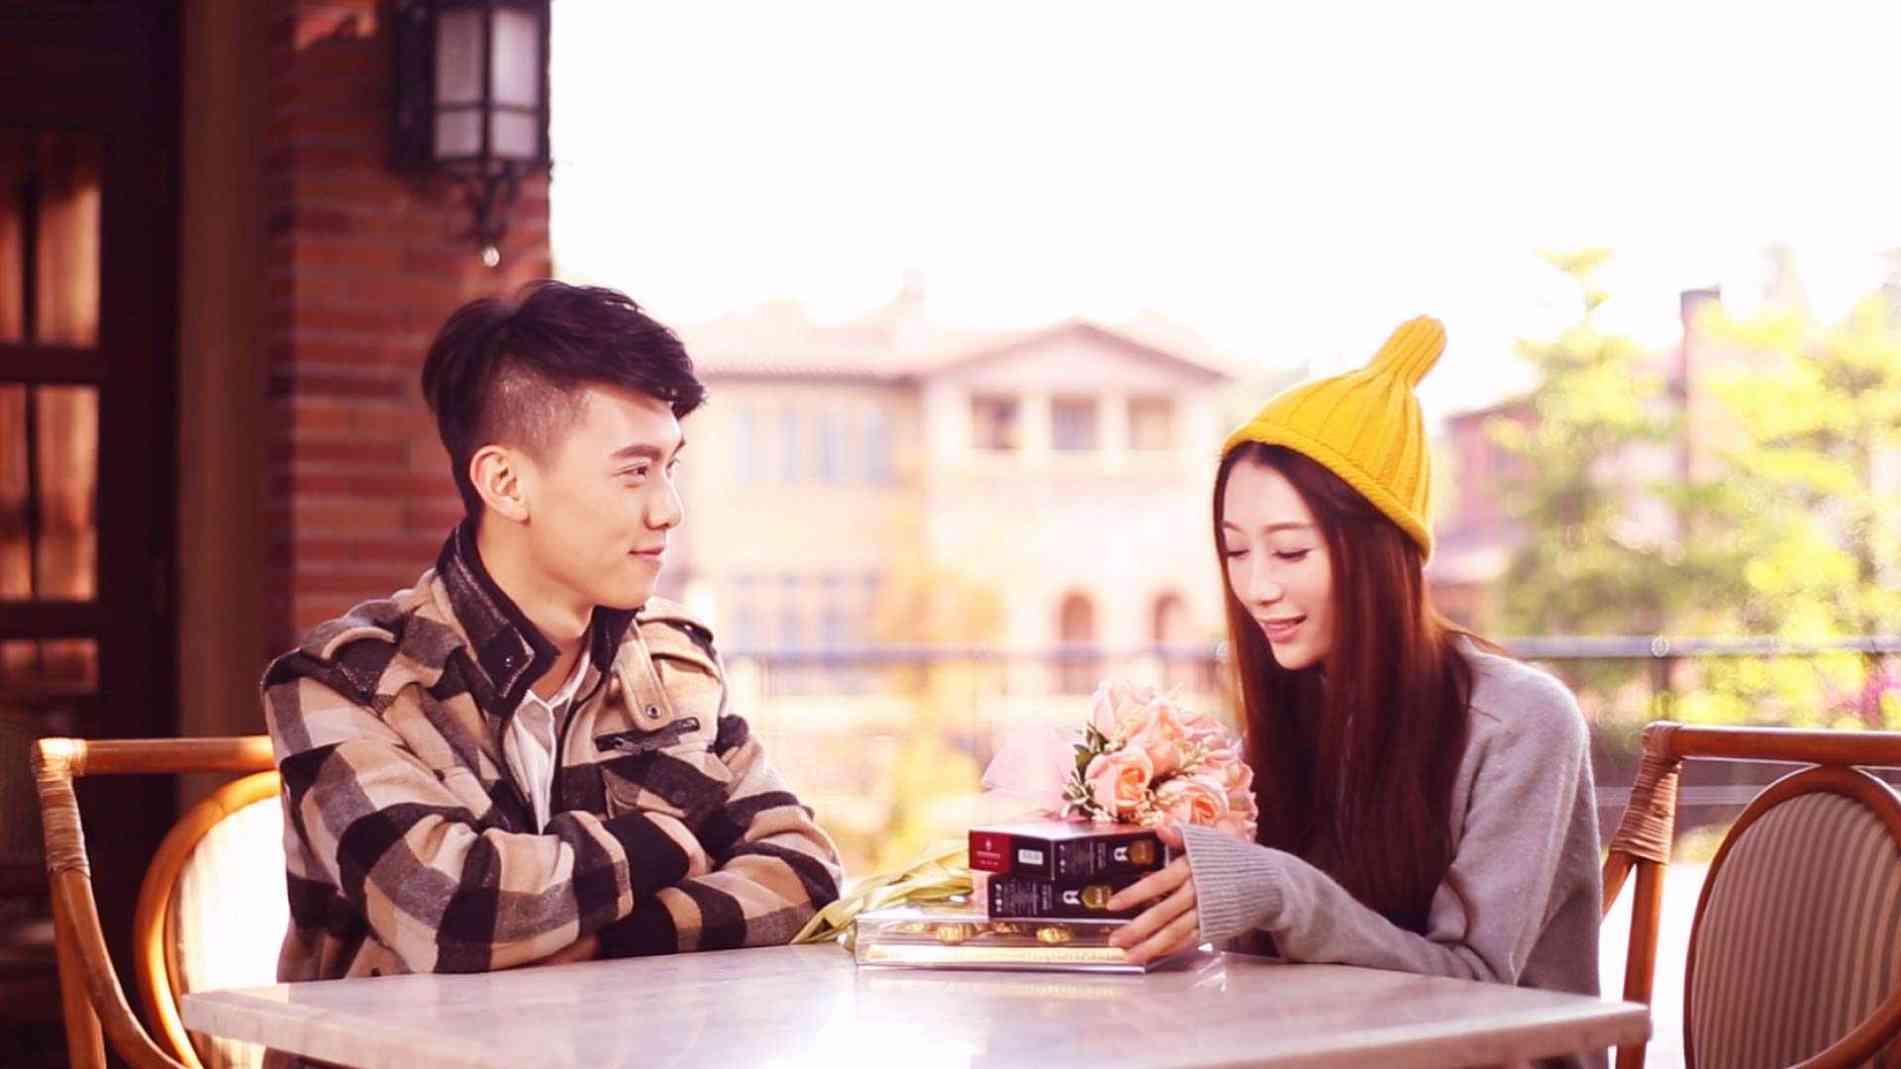 广州宣传片制作公司报价,拍摄费用如何算?